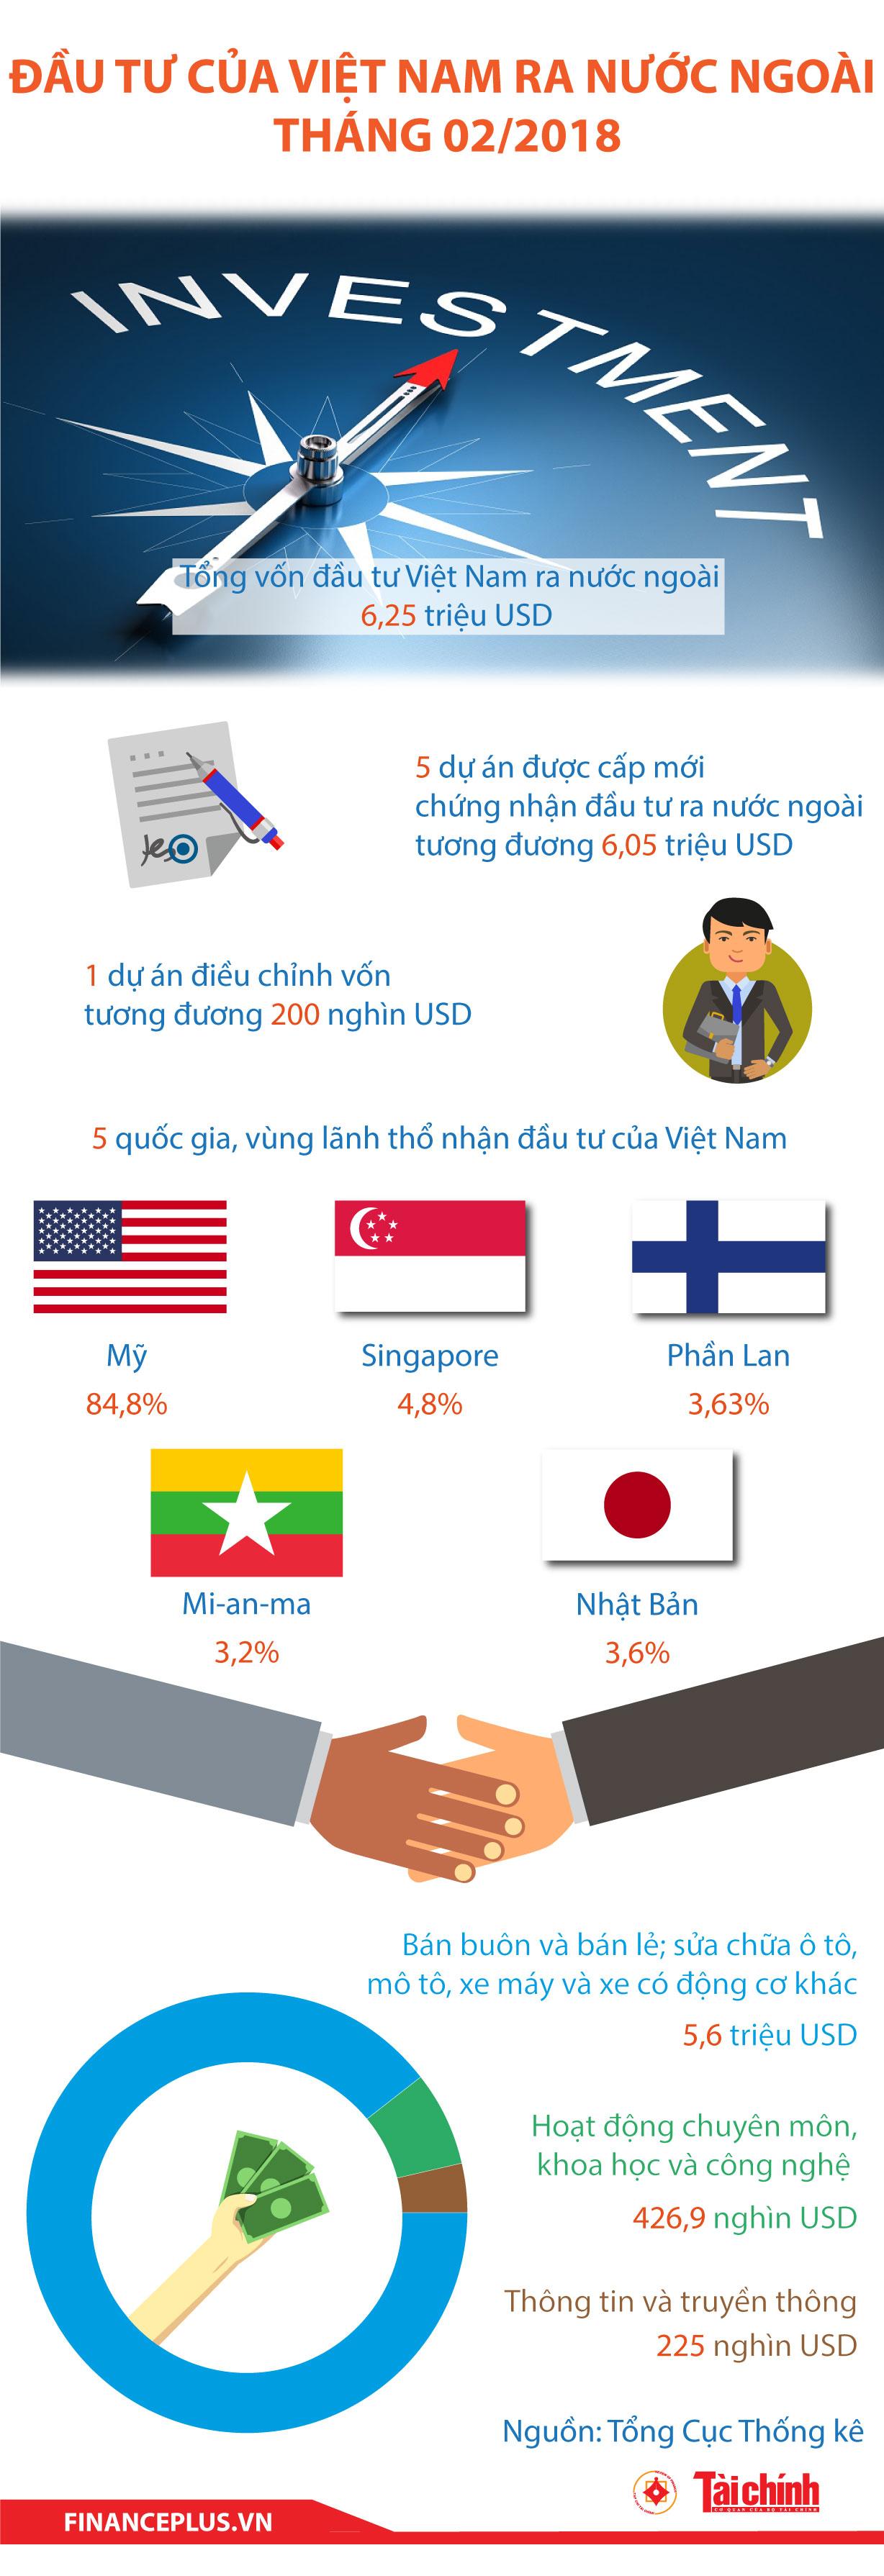 [Infographic] Đầu tư của Việt Nam ra nước ngoài tháng 02/2019 - Ảnh 1